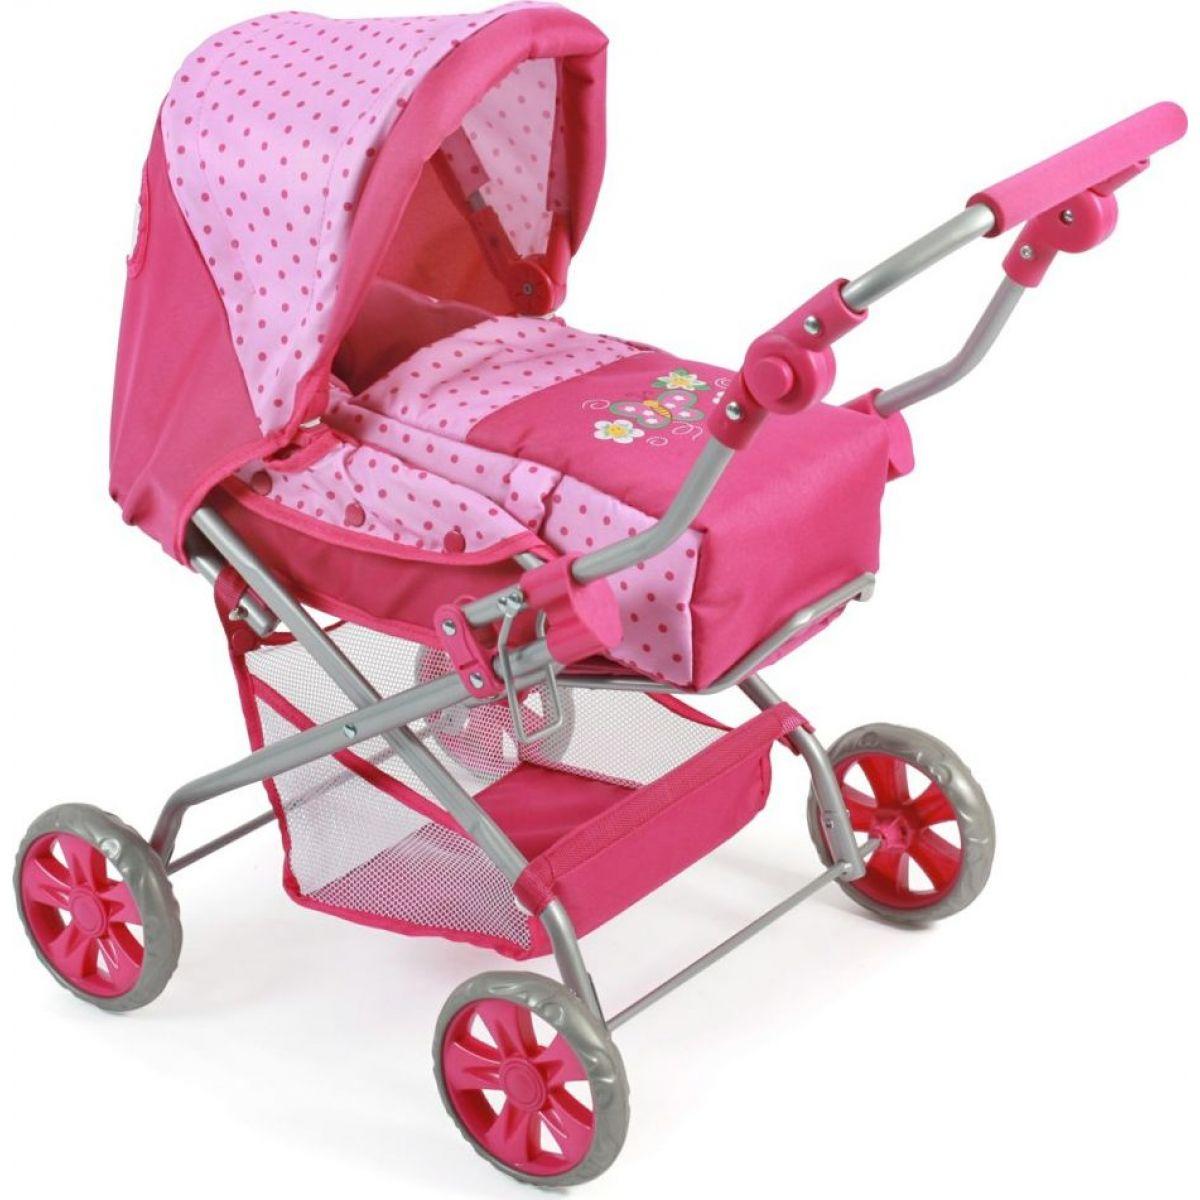 Bayer Chic Piccolina Pink Dots